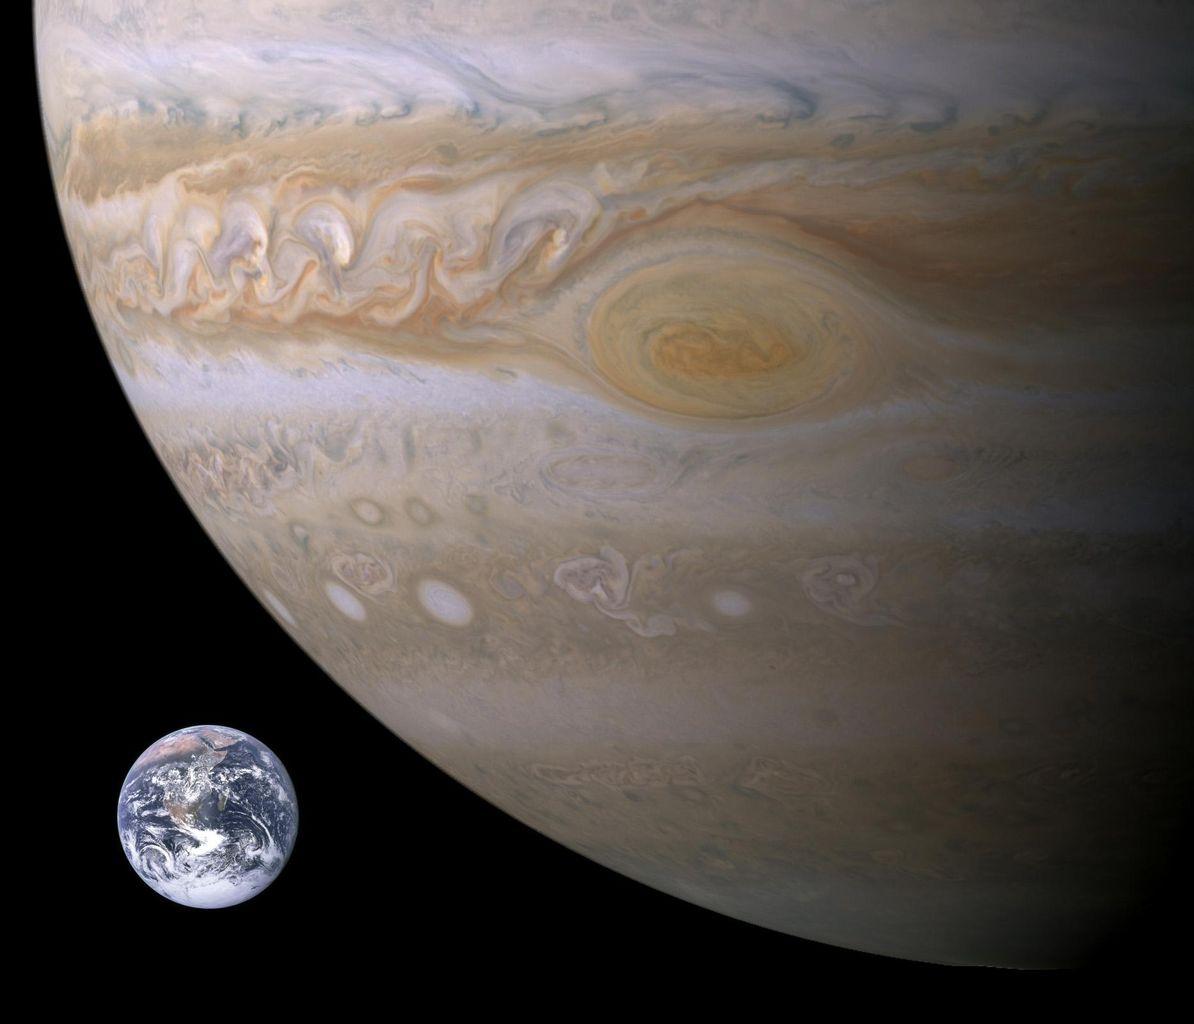 木星怖すぎワロタwwww真ん中の黒いのってなんなの?